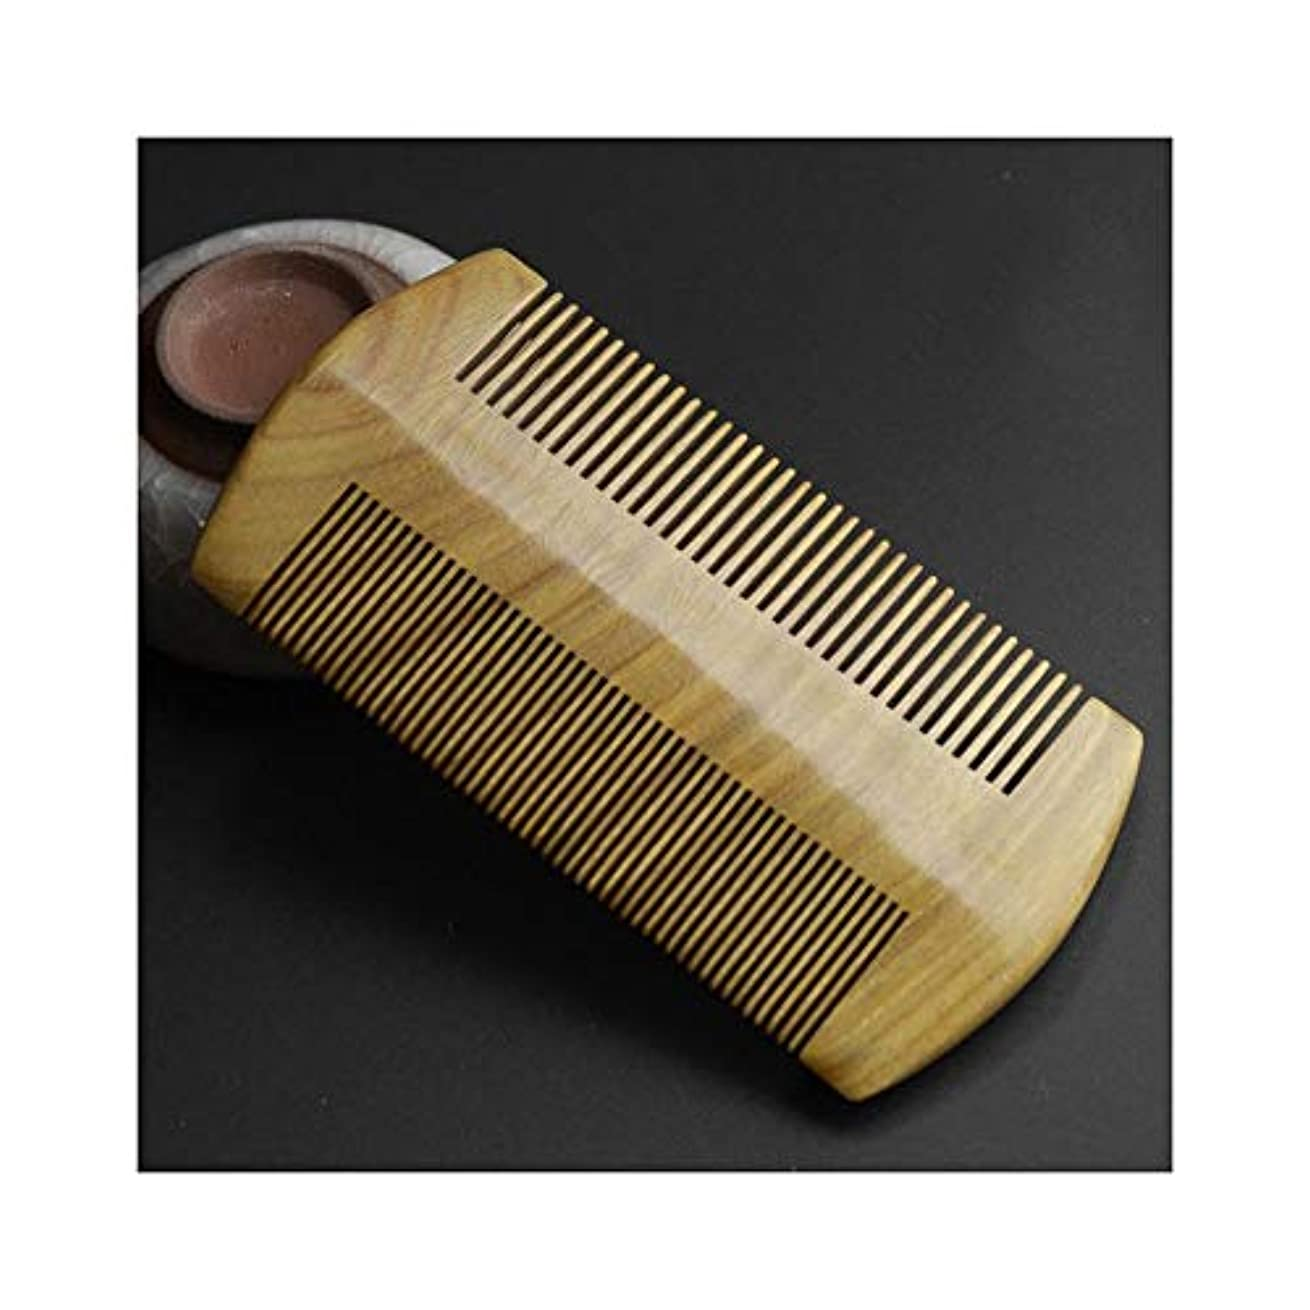 データ暗唱する思い出すWASAIO 両面木製のくしメンズビアードカーリーストレートヘアブラシブラシ手作り抗静的グリーンサンダルウッドマッサージ (色 : オレンジ)